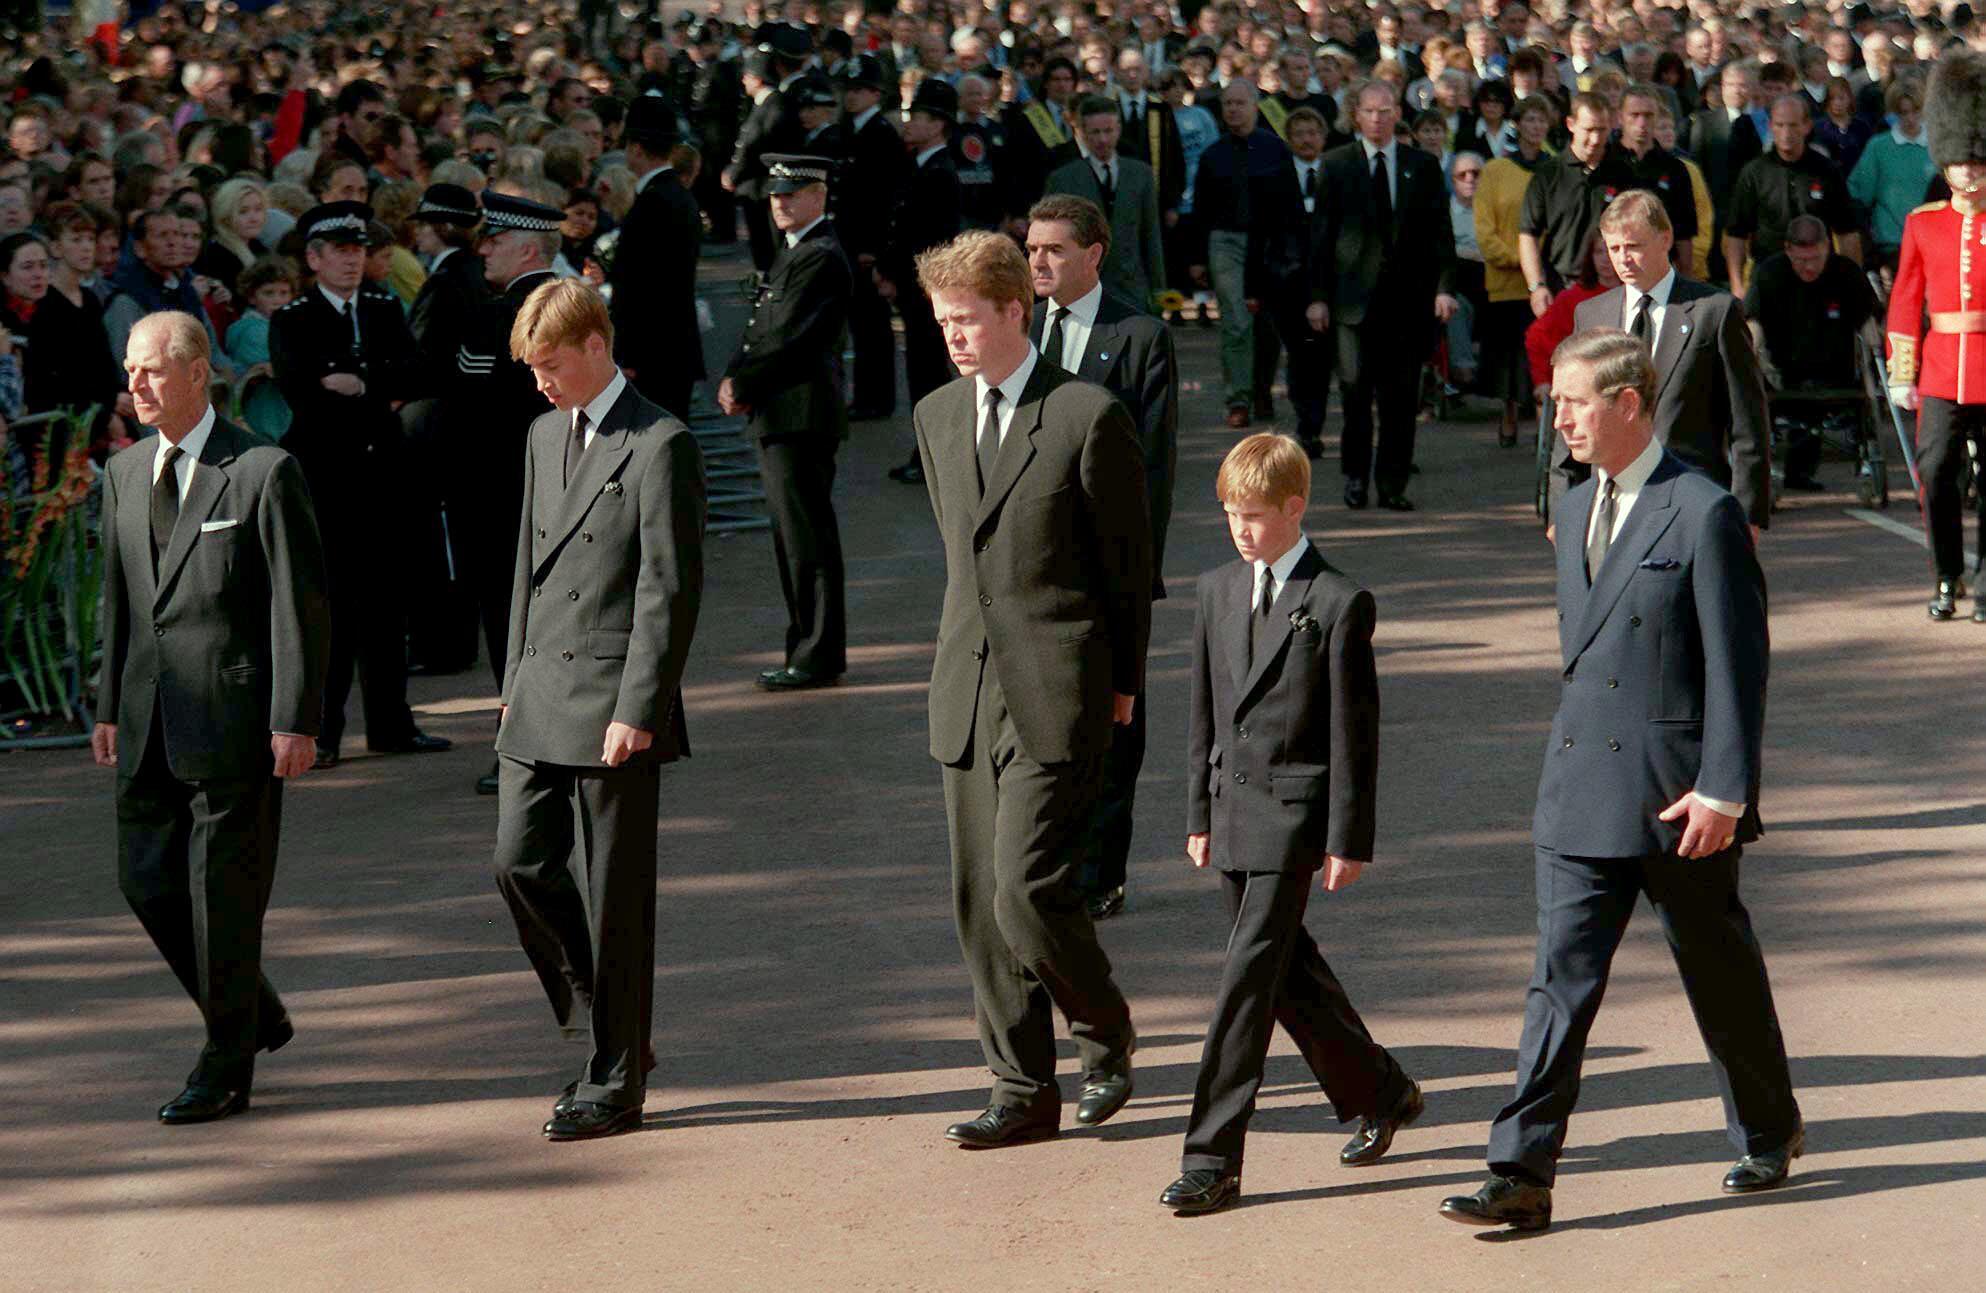 Bild zu Prinz Philip, Prinz William, Prinz Harry, Prinz Charles